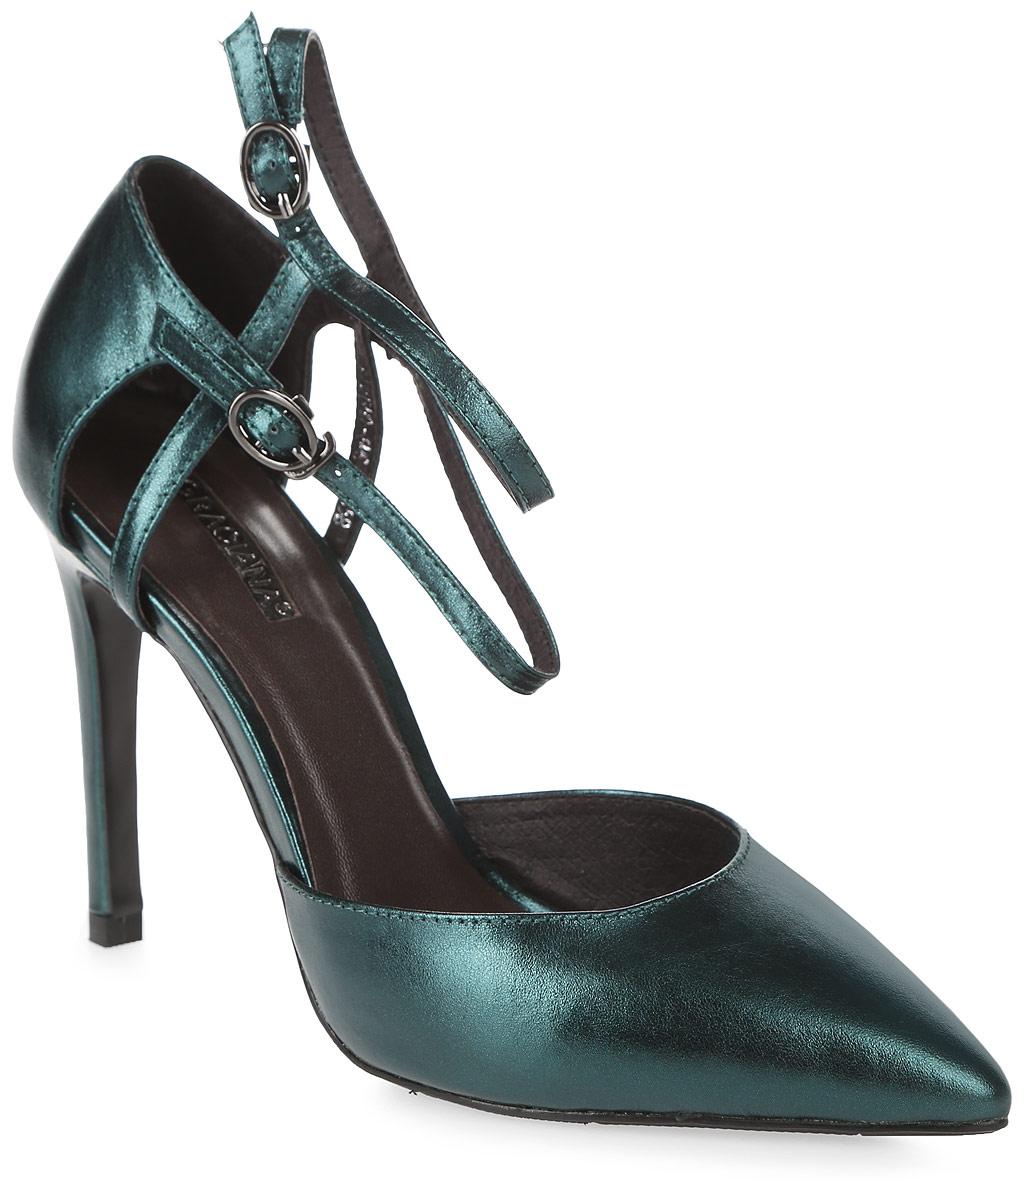 Туфли женские Graciana, цвет: зеленый. B4103HD-6MS-3. Размер 36B4103HD-6MS-3Женские туфли от Graciana на шпильке выполнены из натуральной кожи. Модель фиксируется на ноге при помощи ремешков с пряжками. Подкладка, изготовленная из натуральной кожи, обладает хорошей влаговпитываемостью и естественной воздухопроницаемостью. Стелька из натуральной кожи гарантирует комфорт и удобство стопам. Подошва из резины обеспечивает хорошую амортизацию и сцепление с любой поверхностью.